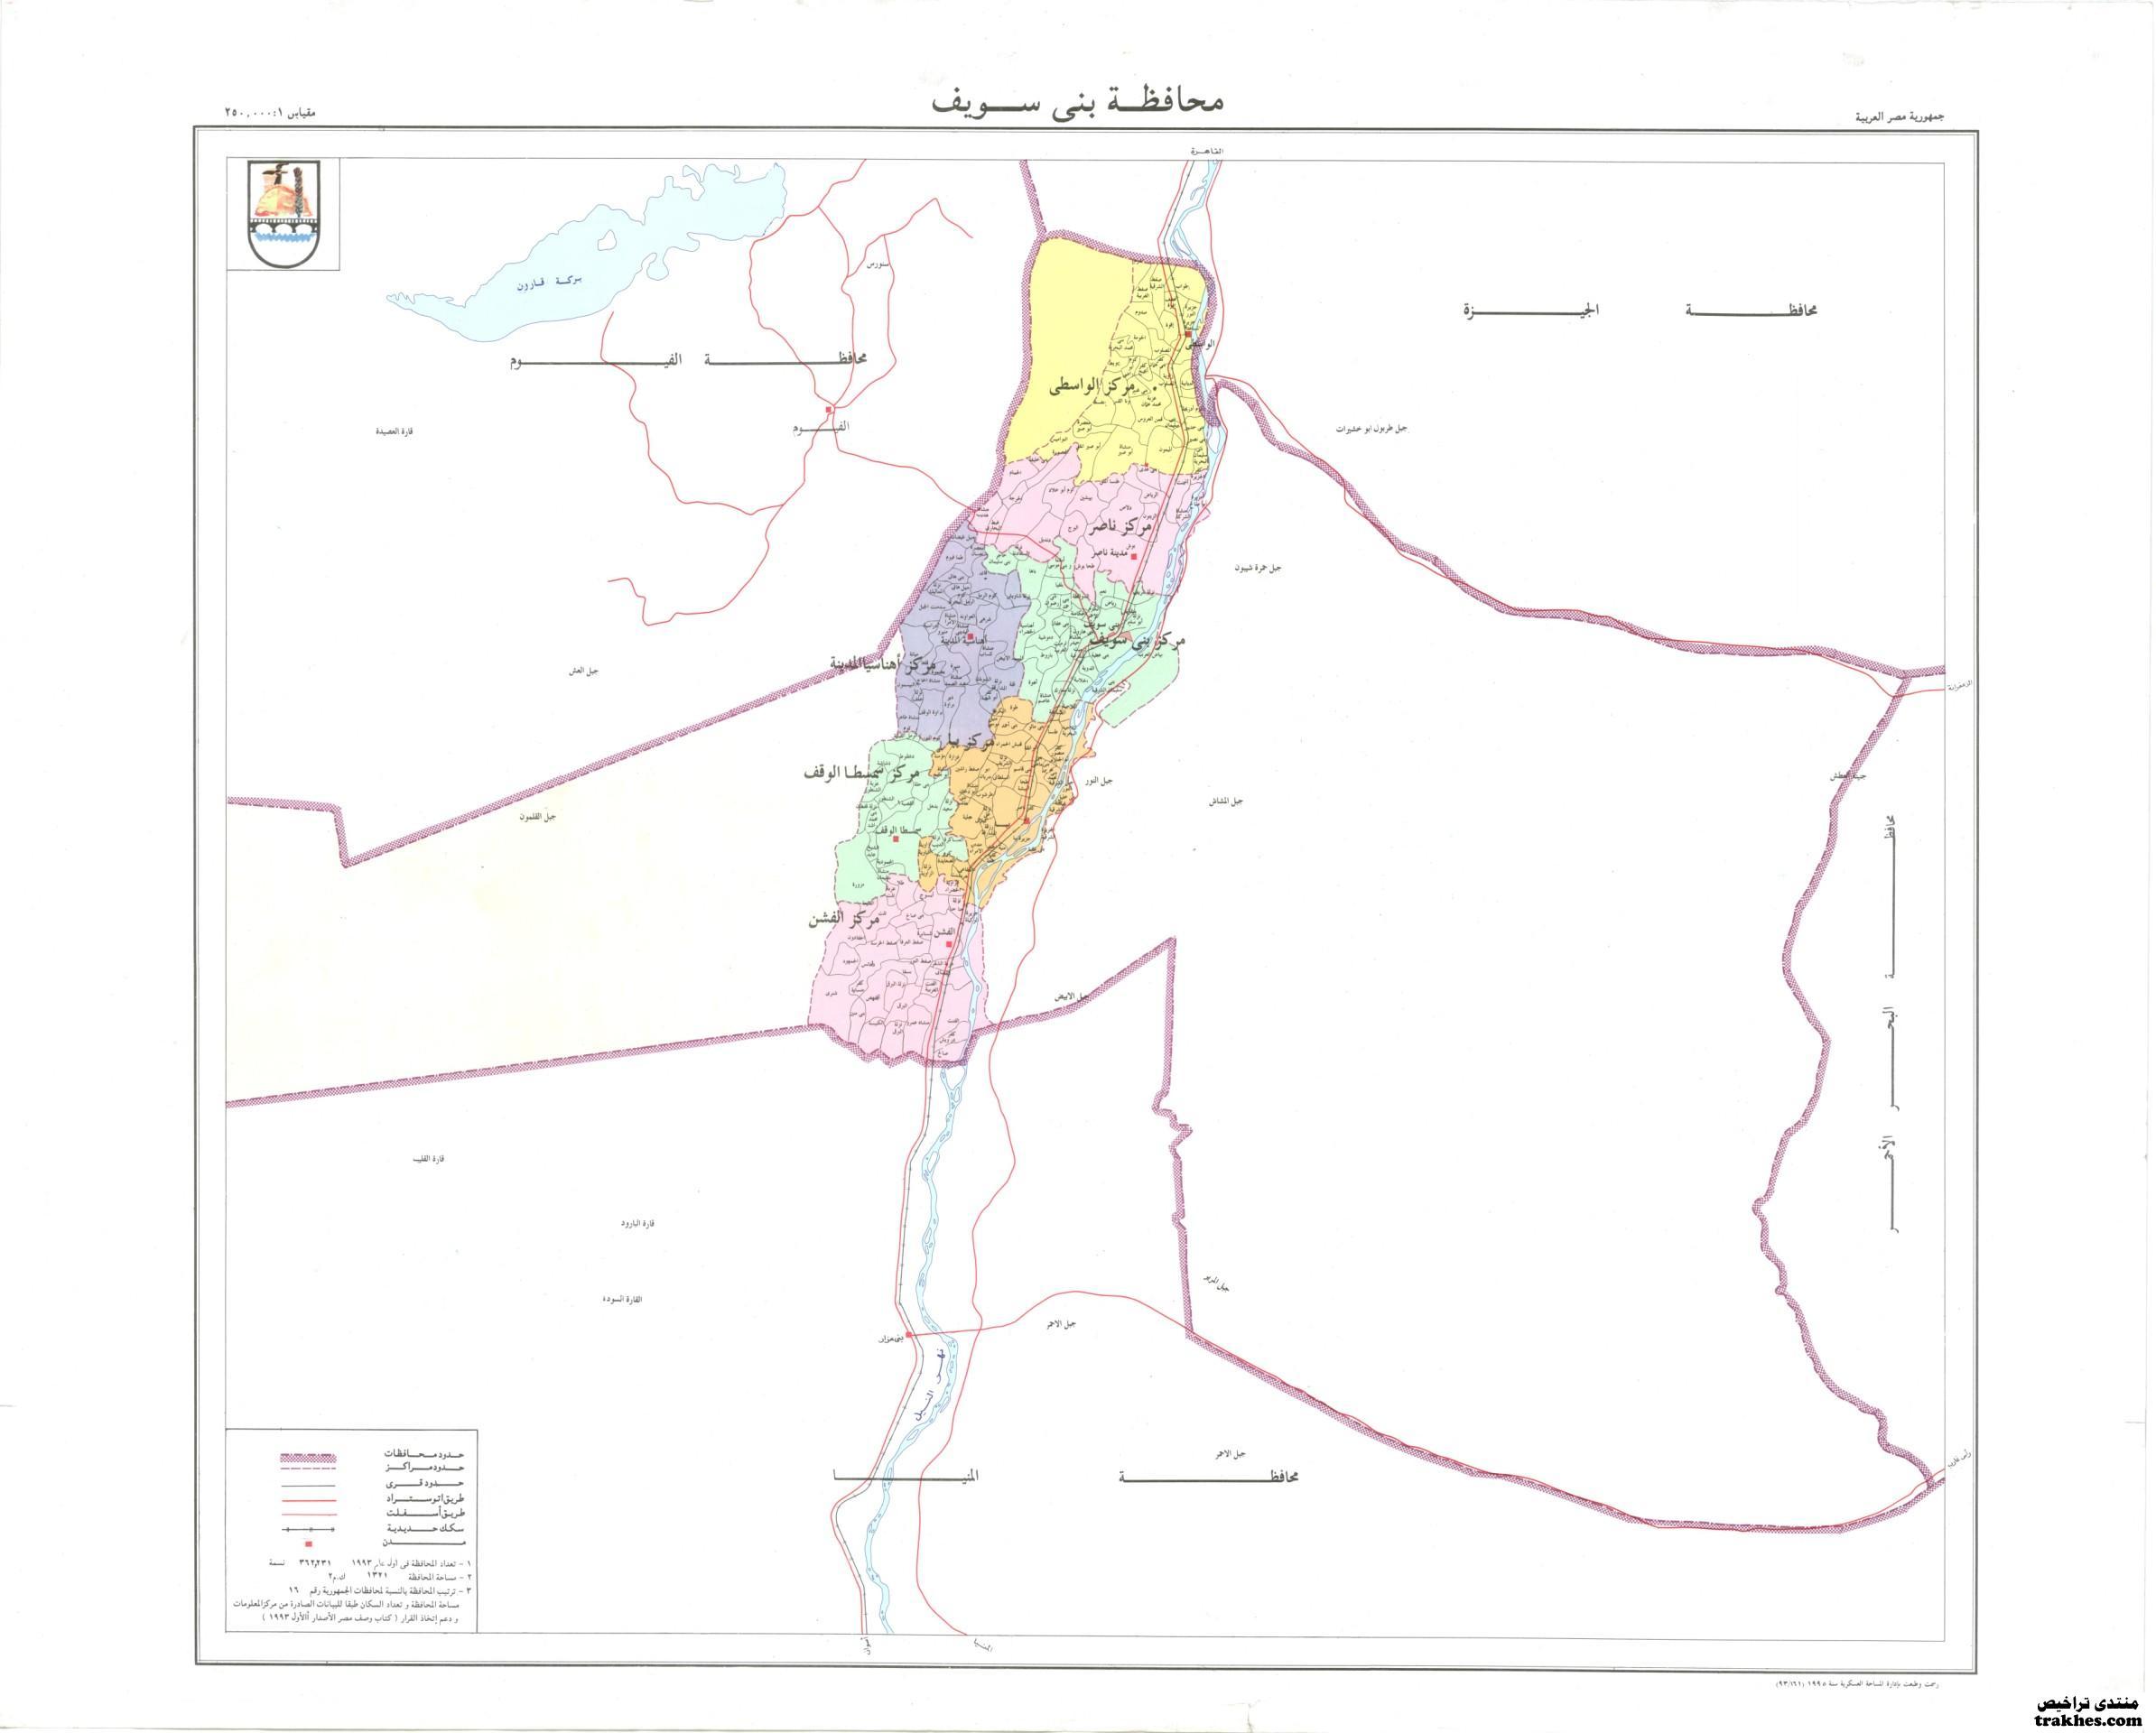 خريطة محافظة سويف